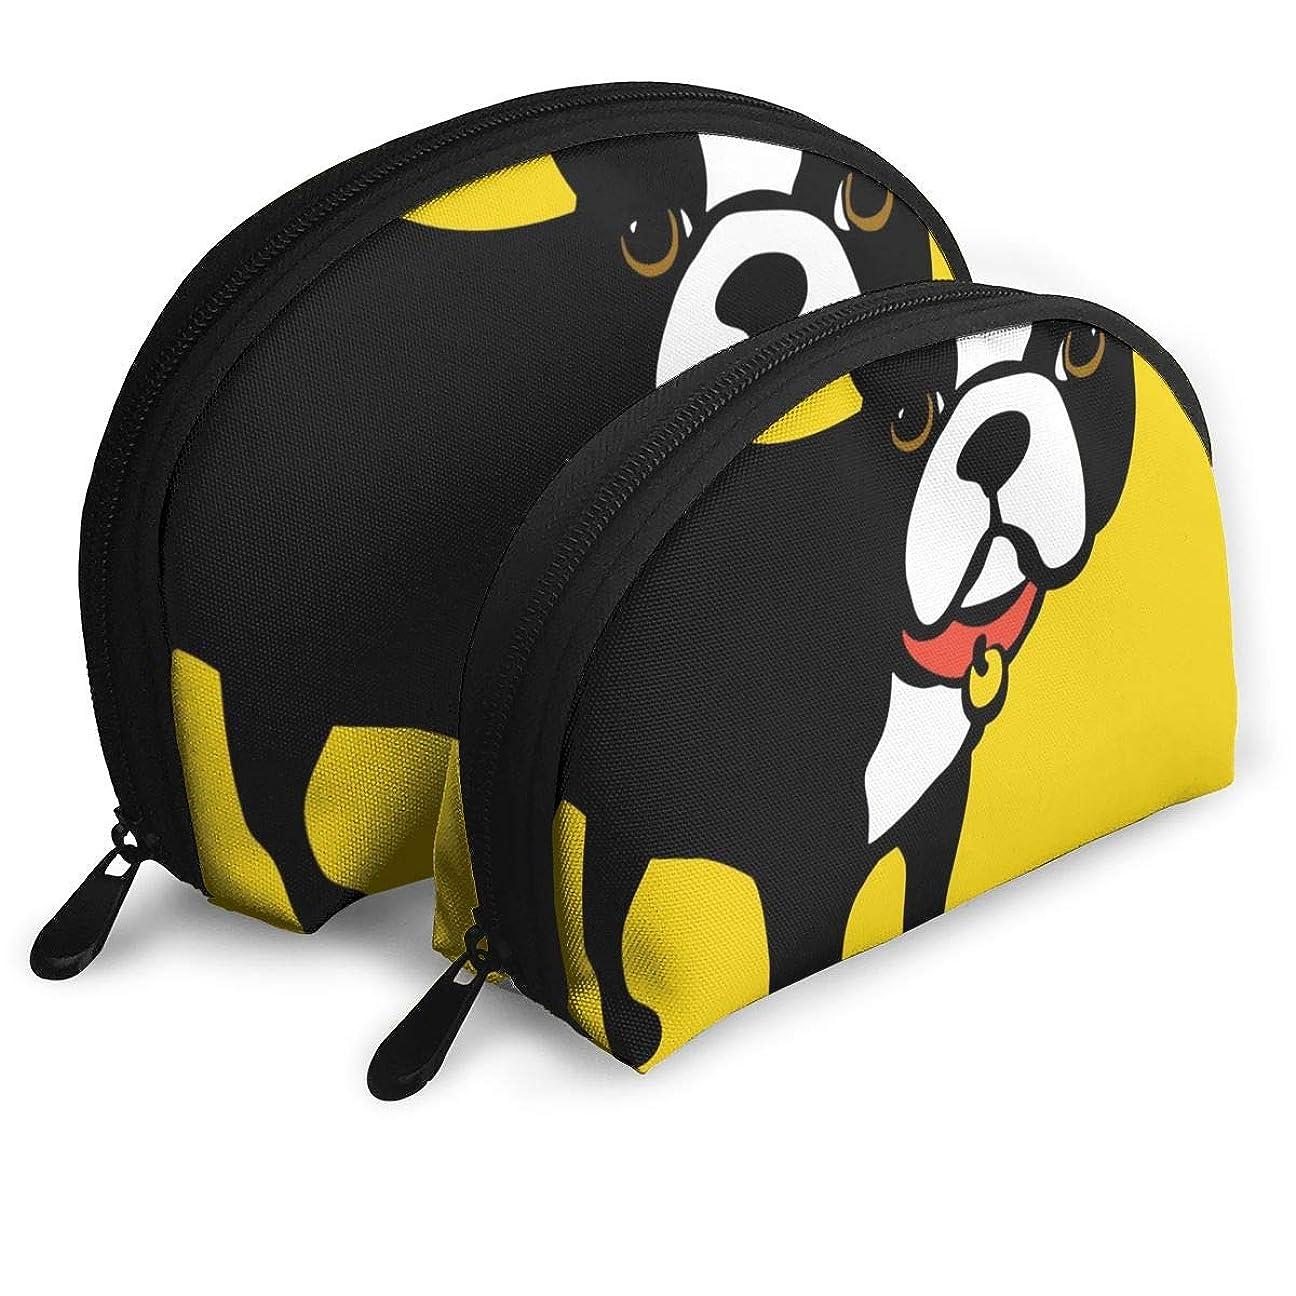 普遍的な保全致命的化粧バッグ ポーチ 2点セット コスメ ボストン テリア そして フランス語 ブルドッグ メイクブラシ 整理袋ポータブル 道具 収納ケース トラベルバッグ 小物入れ 出張 旅行 おしゃれ プレゼント 女の子 貝殻 バッグ